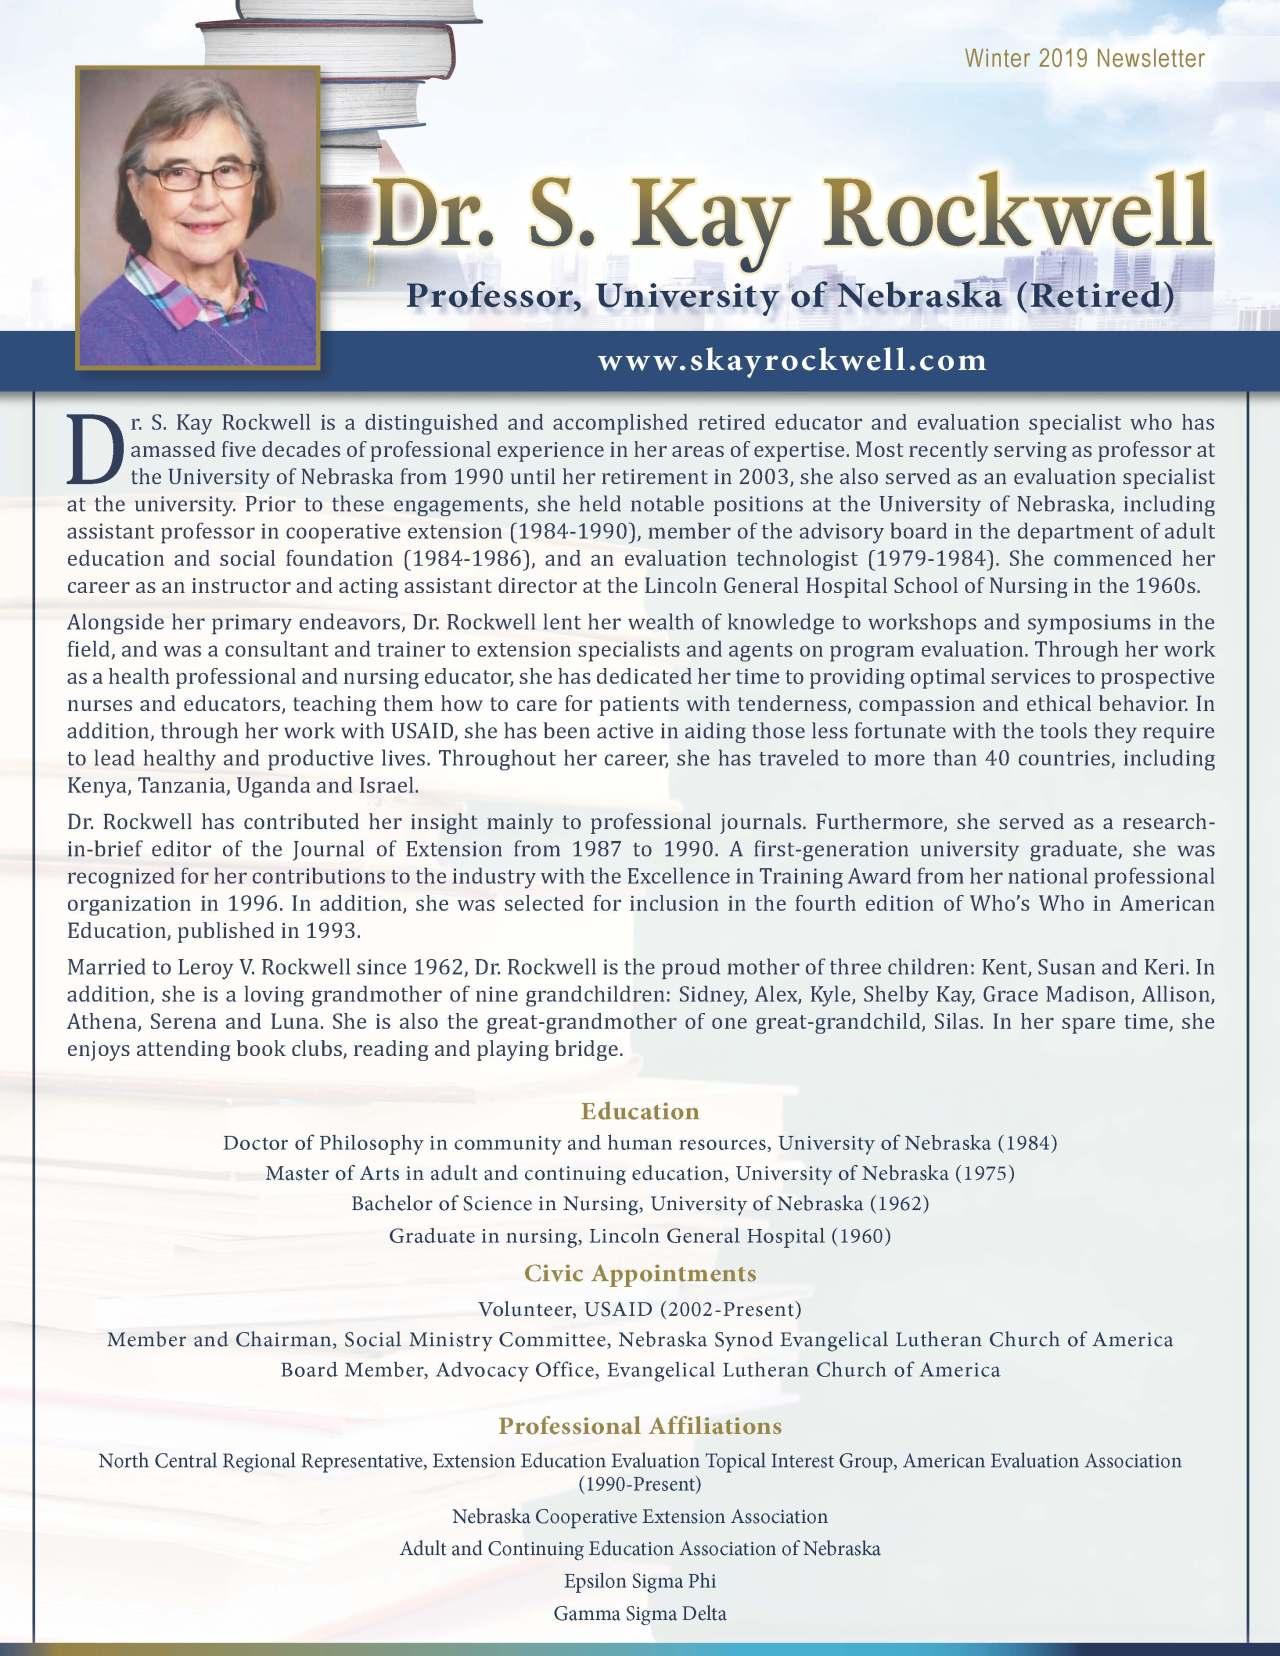 Rockwell, S. Kay 3694538_22438444 Newsletter REVISED